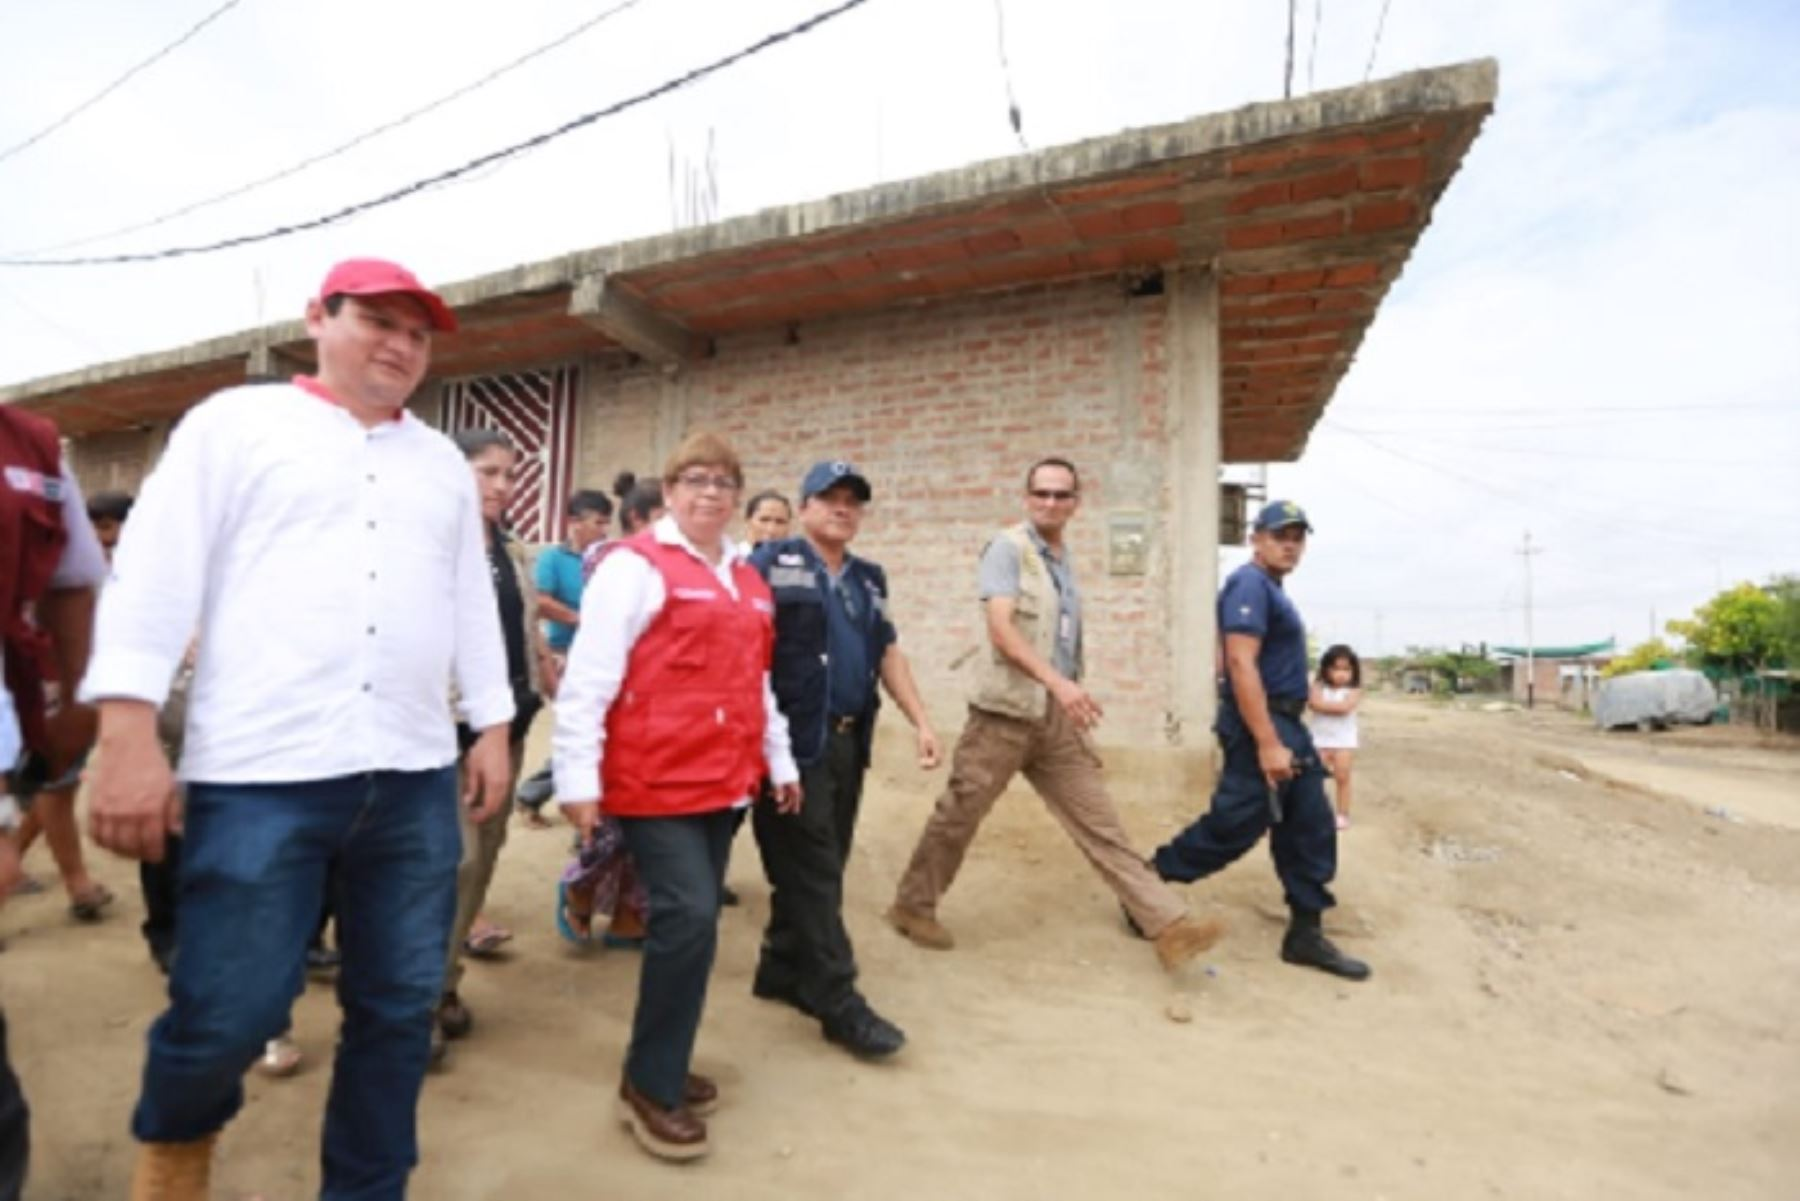 La ministra de Salud, Zulema Tomás Gonzáles lideró esta mañana junto a las autoridades regionales y locales de la región Piura, las acciones de prevención ante el incremento de las lluvias, por encargo del presidente de la República, Martín Vizcarra.